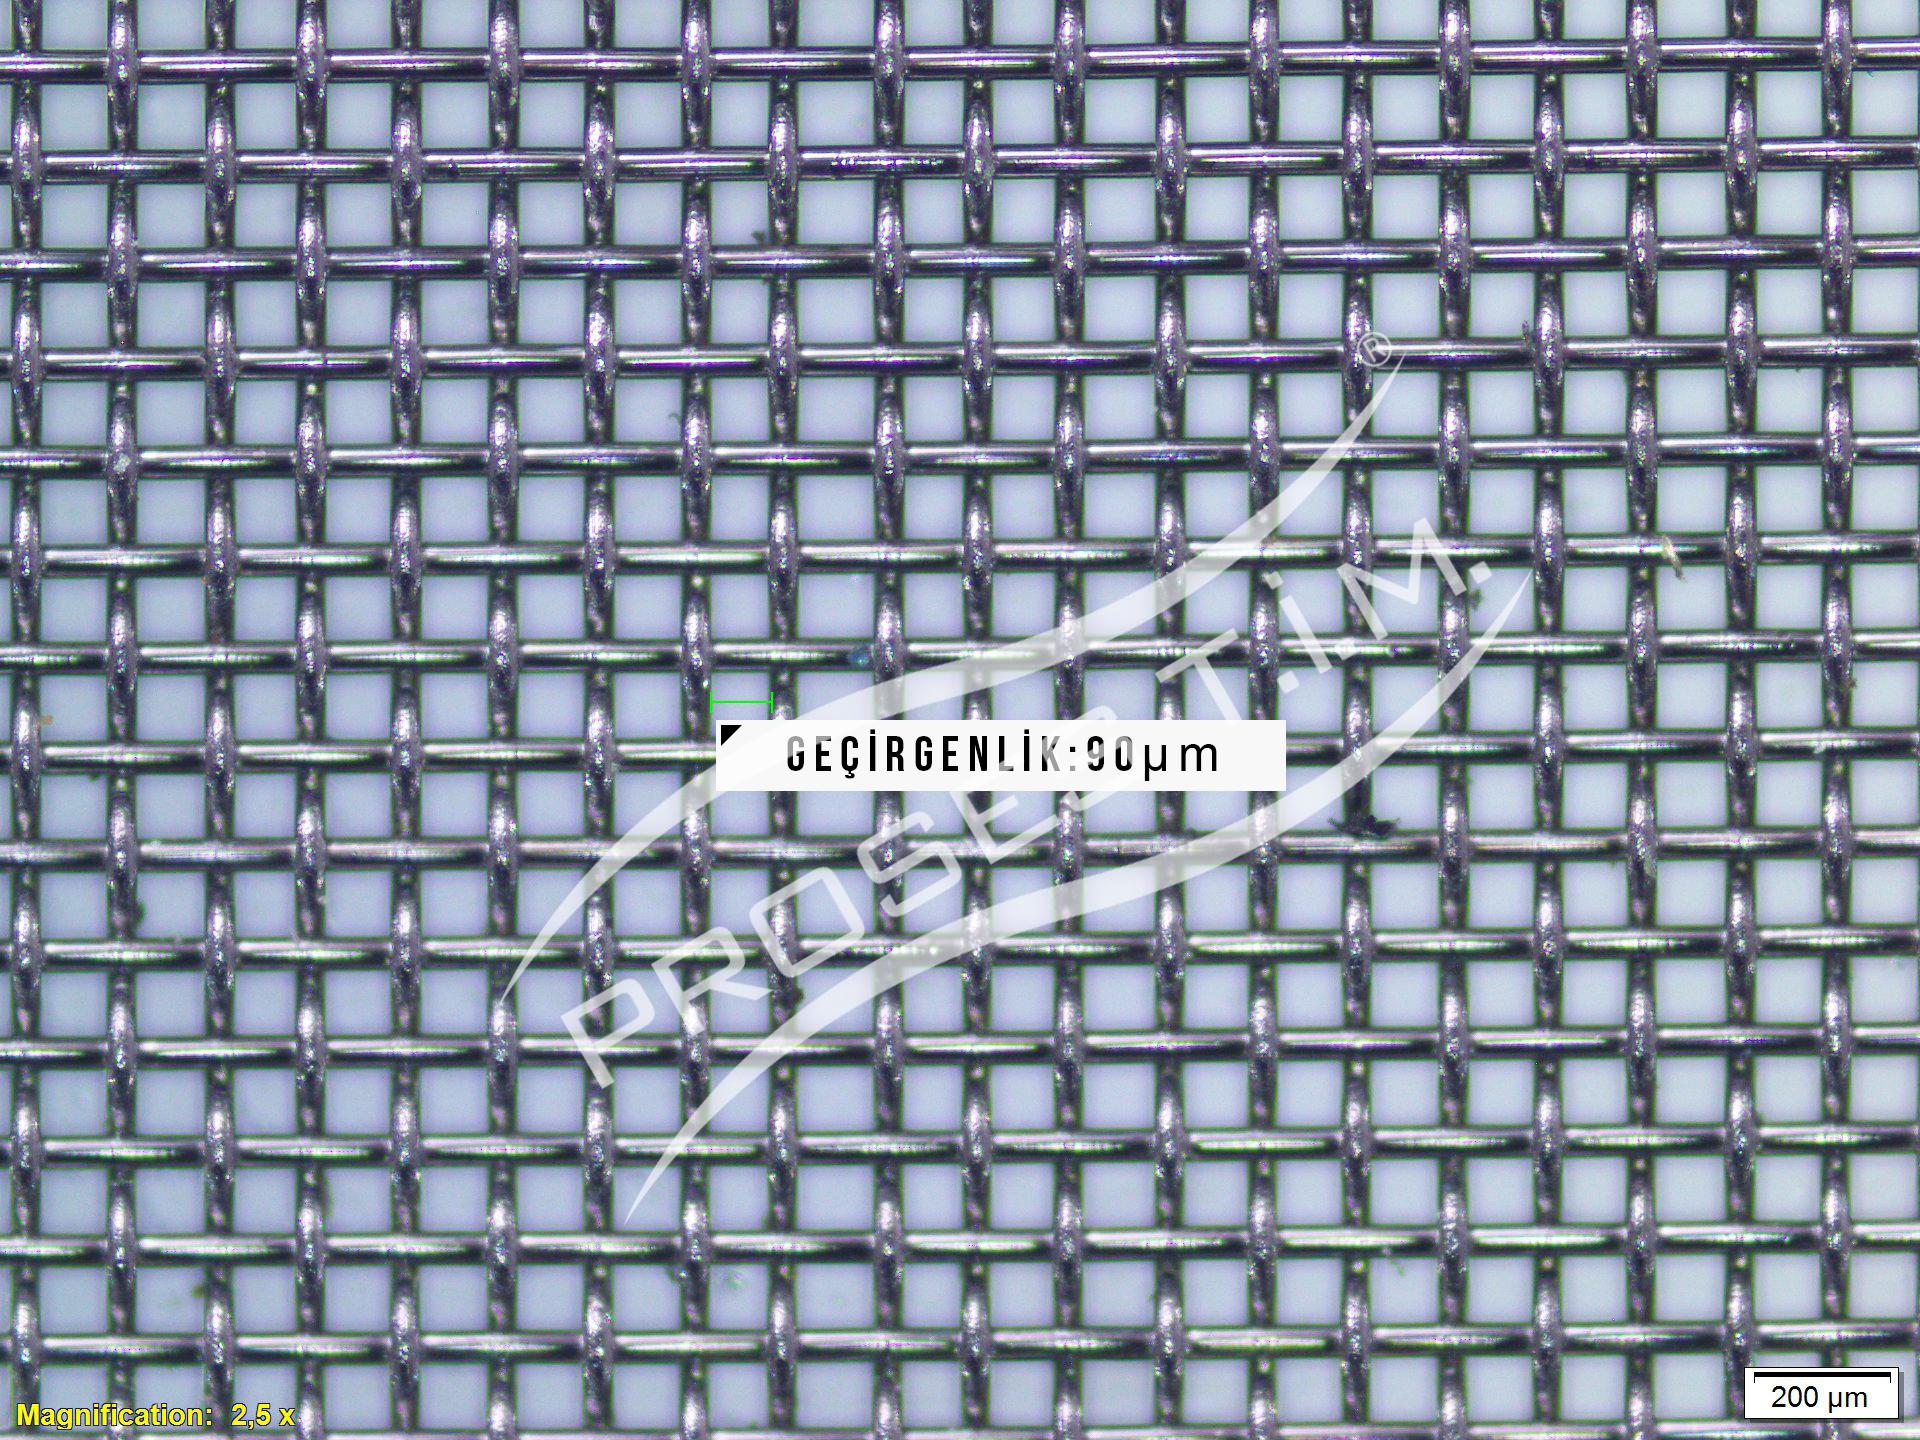 180 Mesh 90 micron Filtre Elek Teli